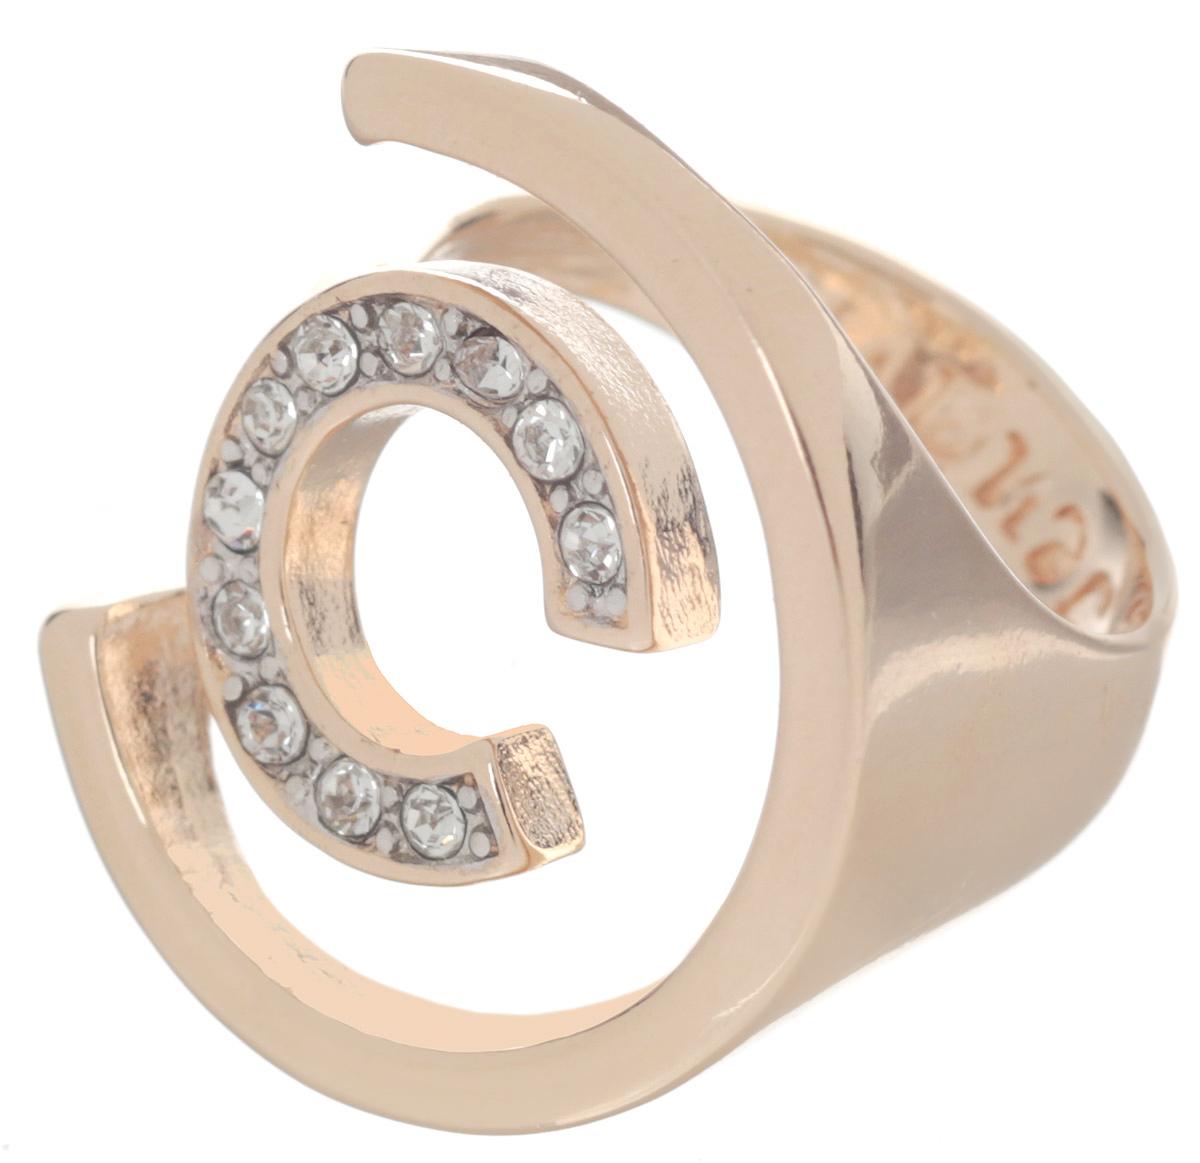 Кольцо Jenavi Форцетия, цвет: золотистый. Размер 16f506q000Элегантное кольцо Jenavi Форцетия выполнено из антиаллергического ювелирного сплава, покрытого позолотой с родированием. Декоративный элемент выполнен в виде двух полуокружностей разного диаметра, одна из которых инкрустирована гранеными кристаллами Swarovski. Стильное кольцо придаст вашему образу изюминку и подчеркнет индивидуальность.